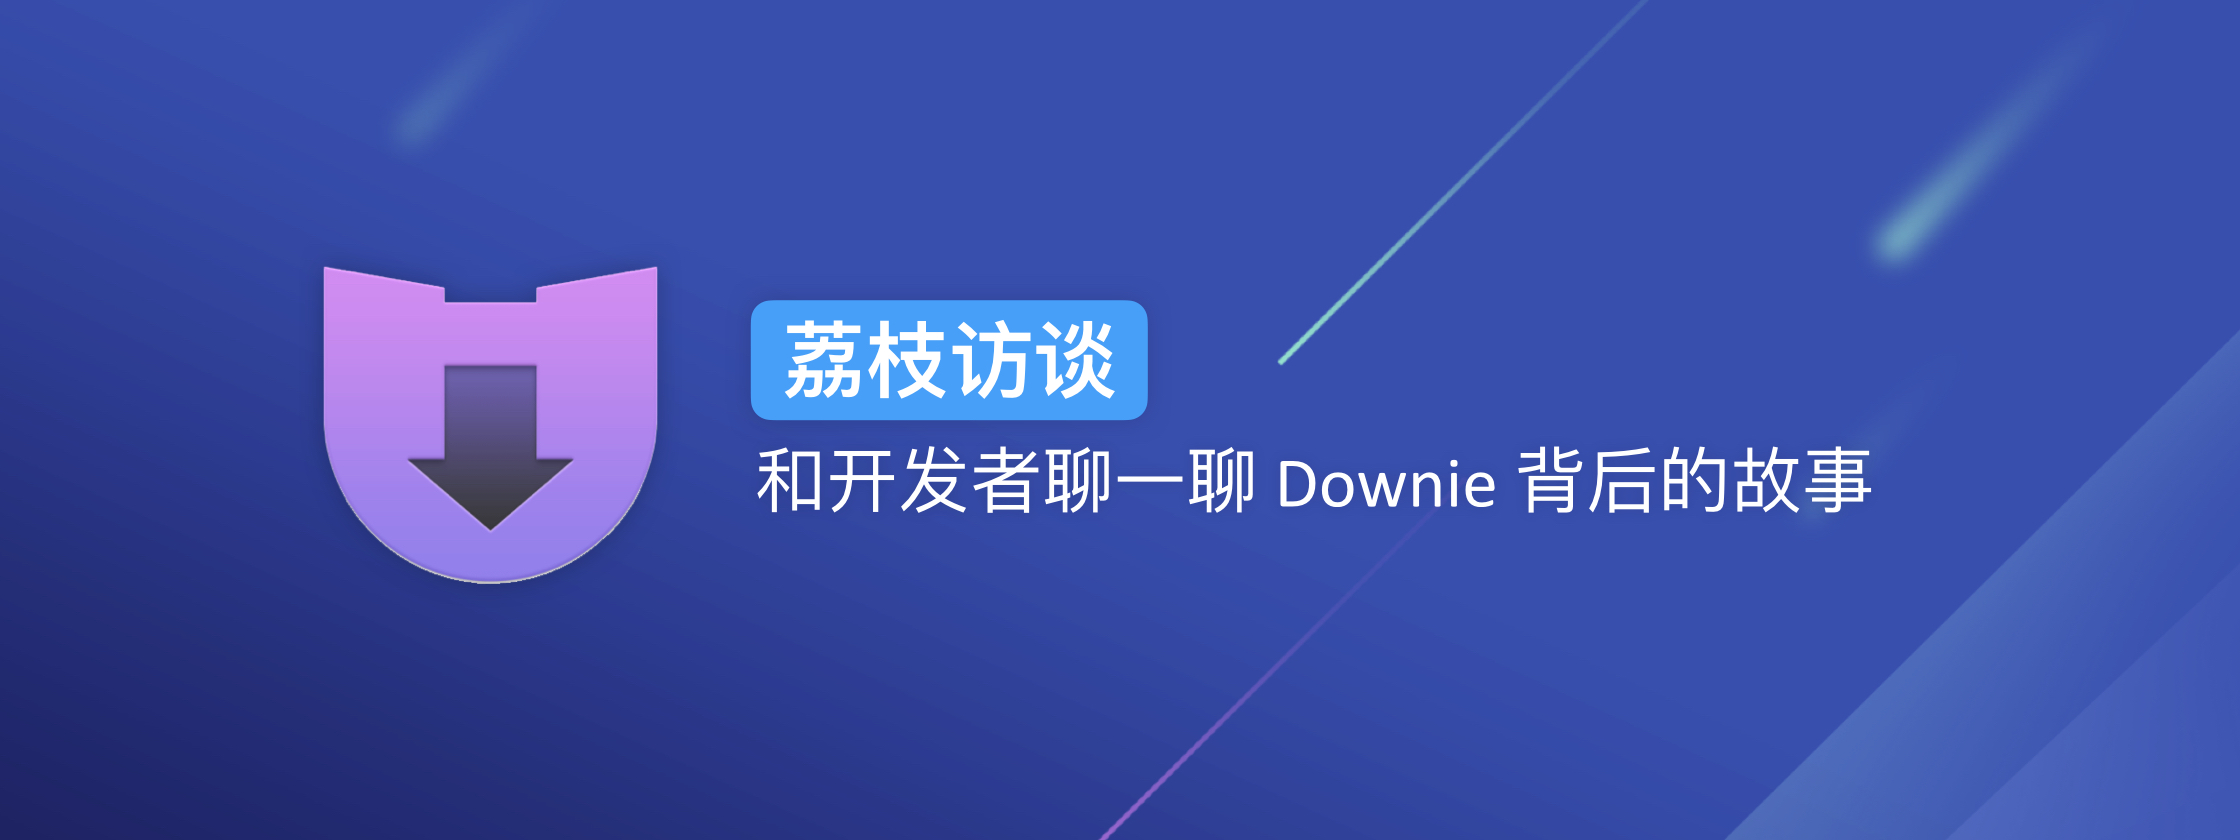 荔枝访谈 | 和开发者聊一聊 Downie 背后的故事